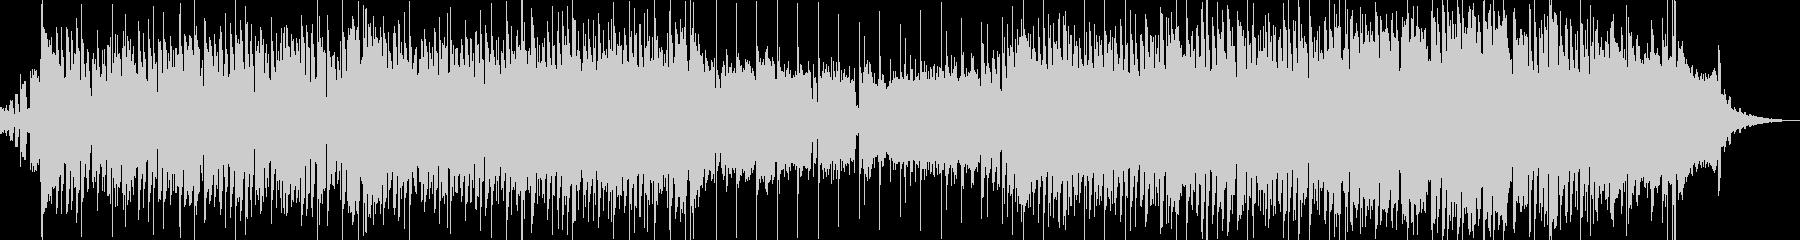 クラシック曲の攻撃的ヒップホップアレンジの未再生の波形